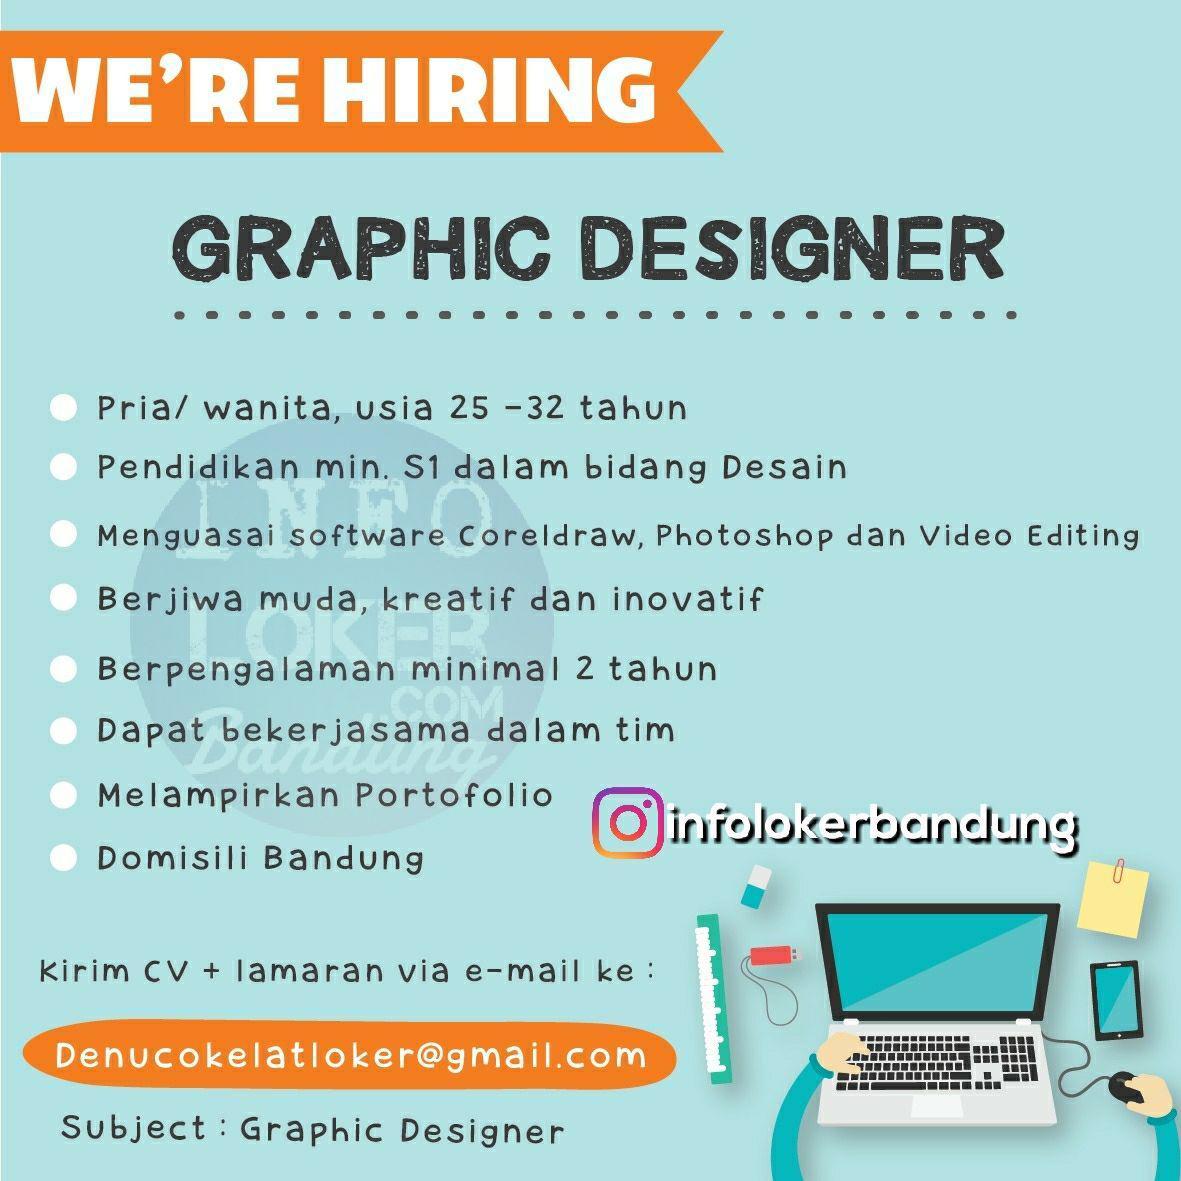 Lowongan Kerja Graphic Deigner Denu Cokelat Bandung Februari 2018